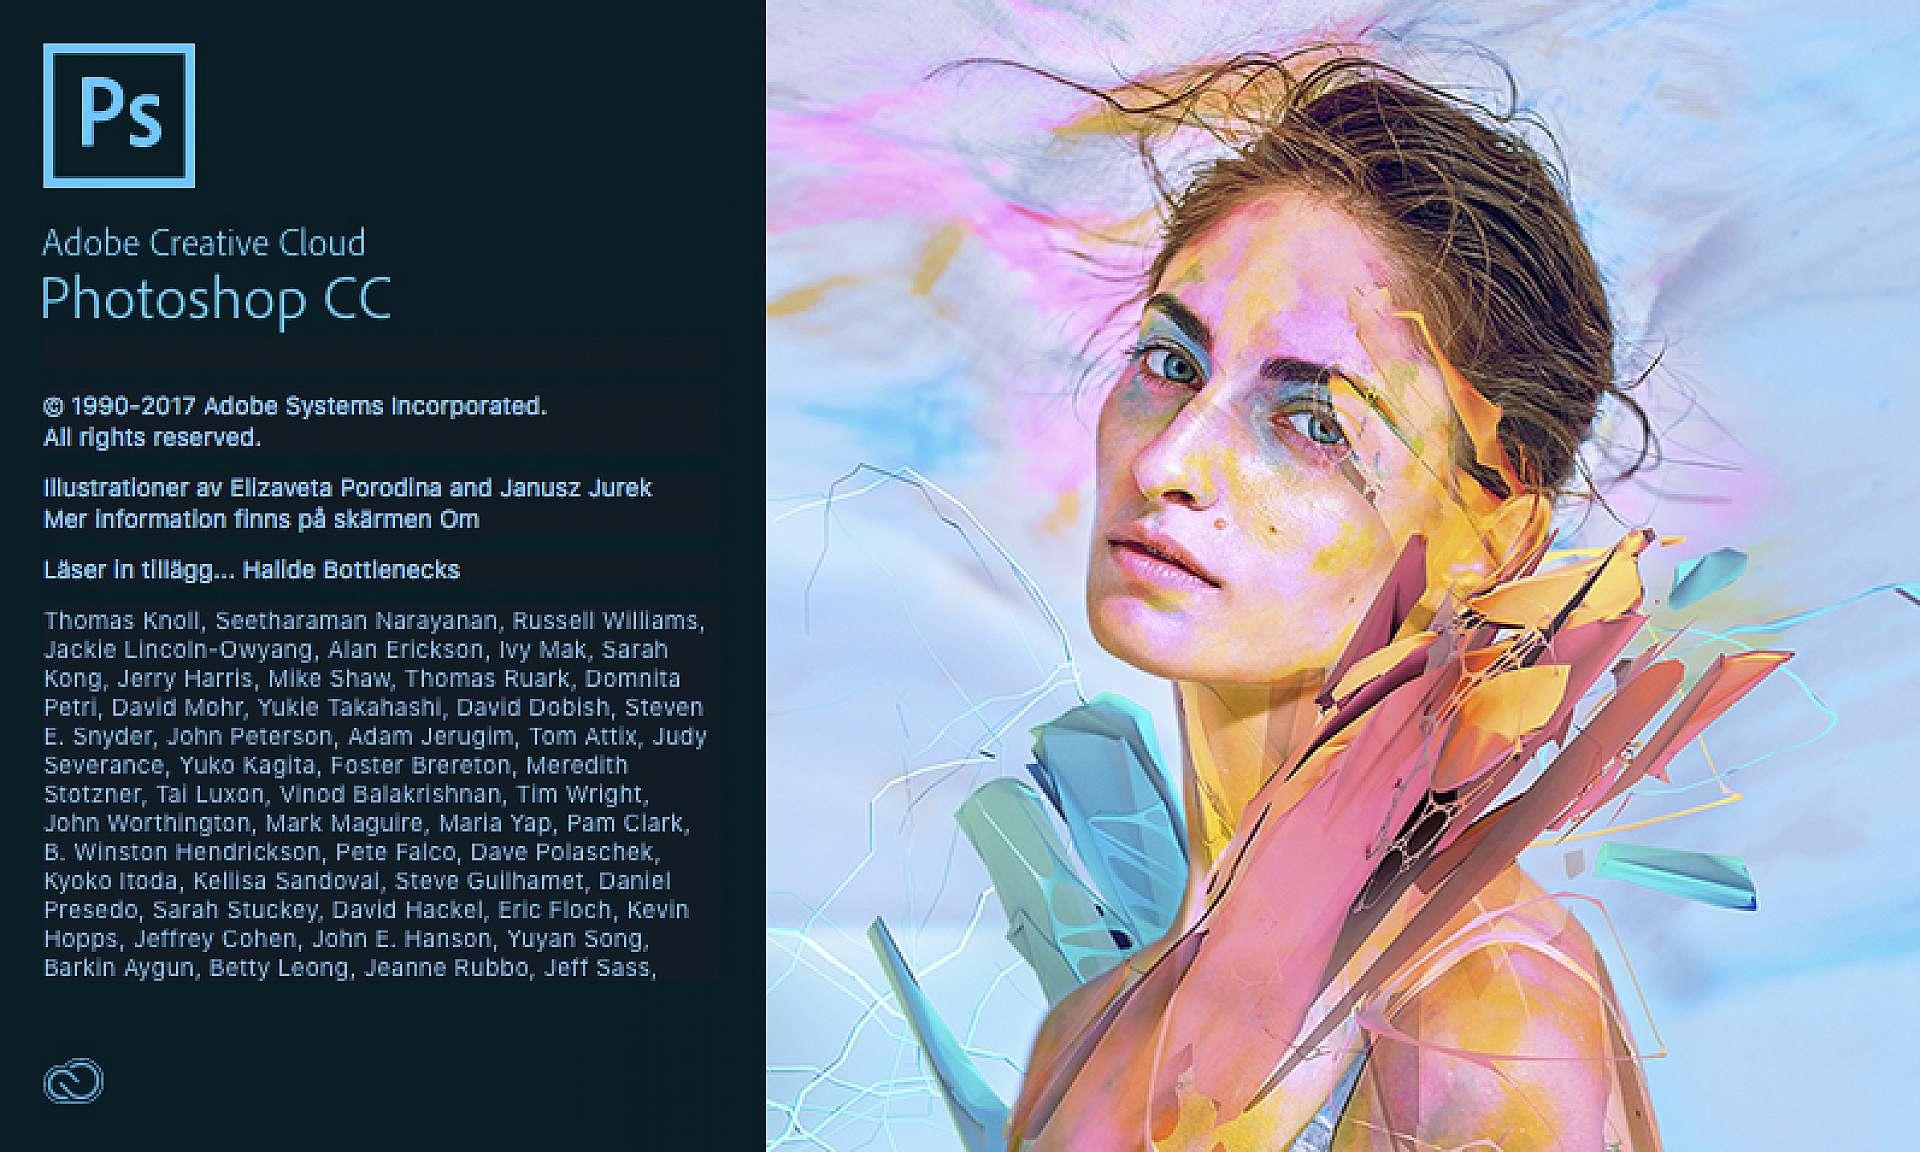 دانلود Adobe Photoshop CC 2018 v19.0.0.24821 x86/x64 - نرم افزار ادوبی فتوشاپ سیسی 2018